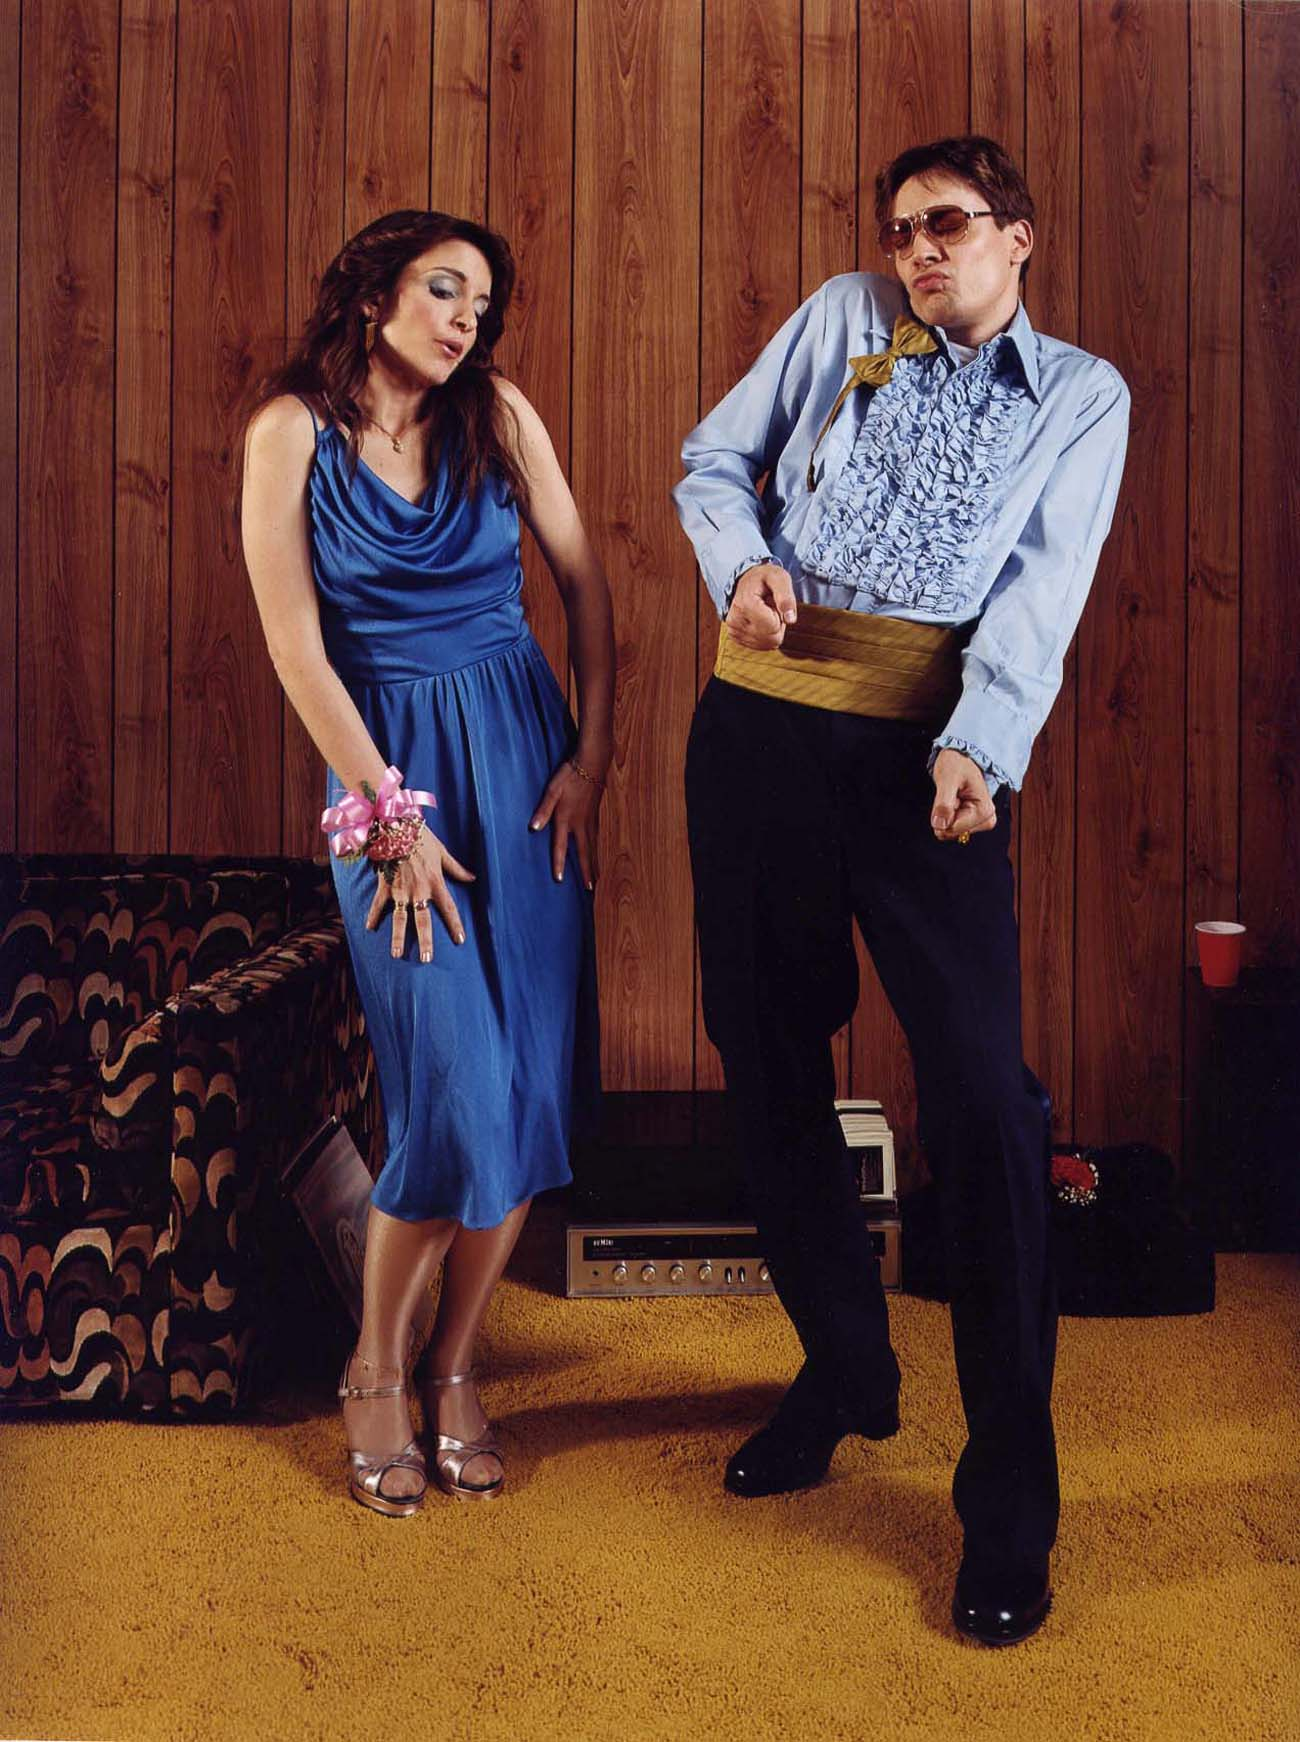 Jimmy Fallon and Tina Fey - New York City